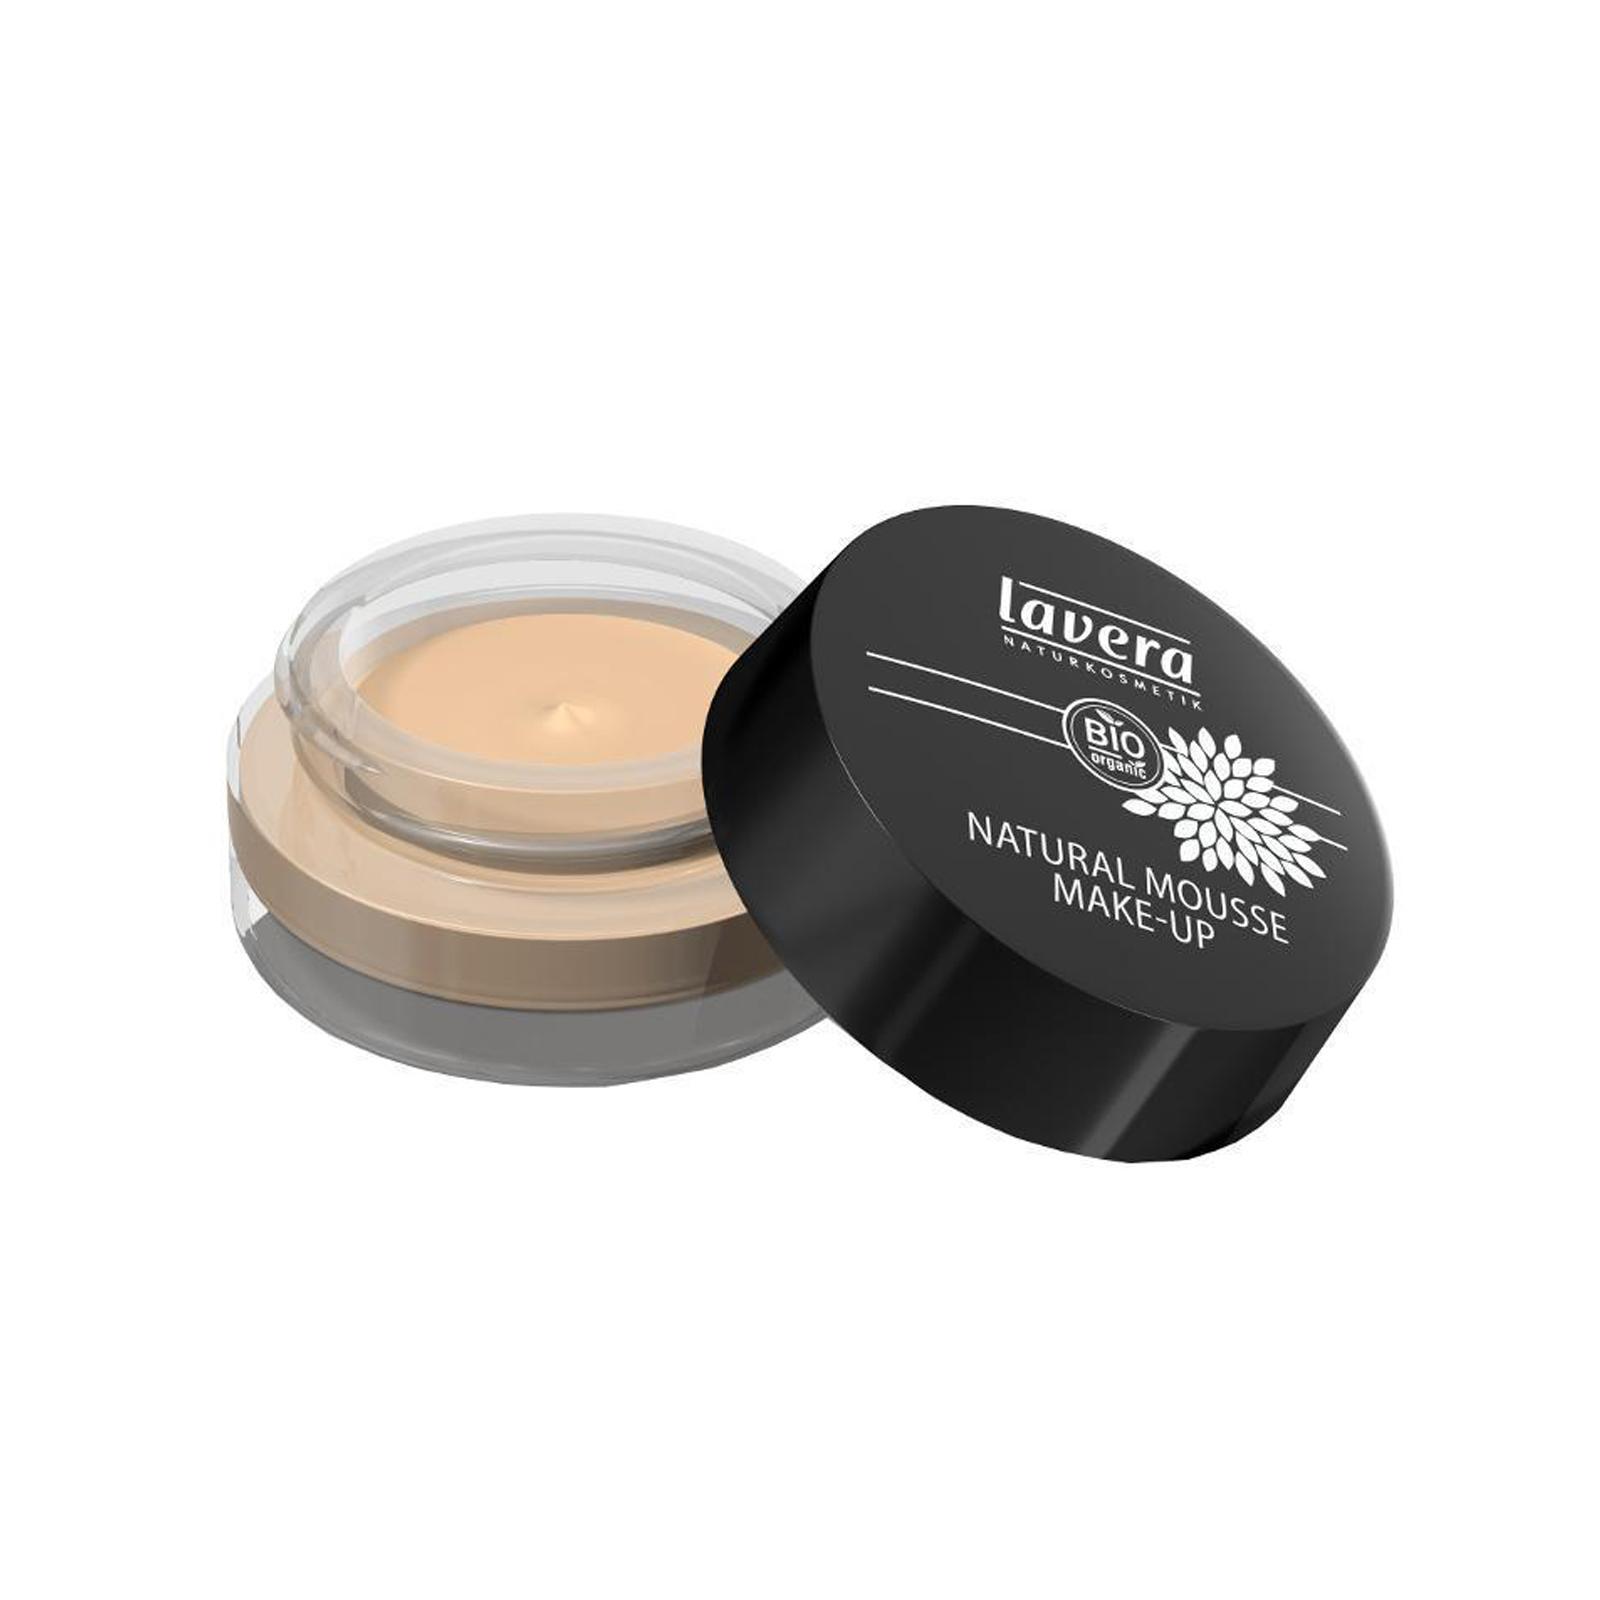 Lavera Make-up pěnový 01 slonová kost, Trend Sensitiv 2014 15 g